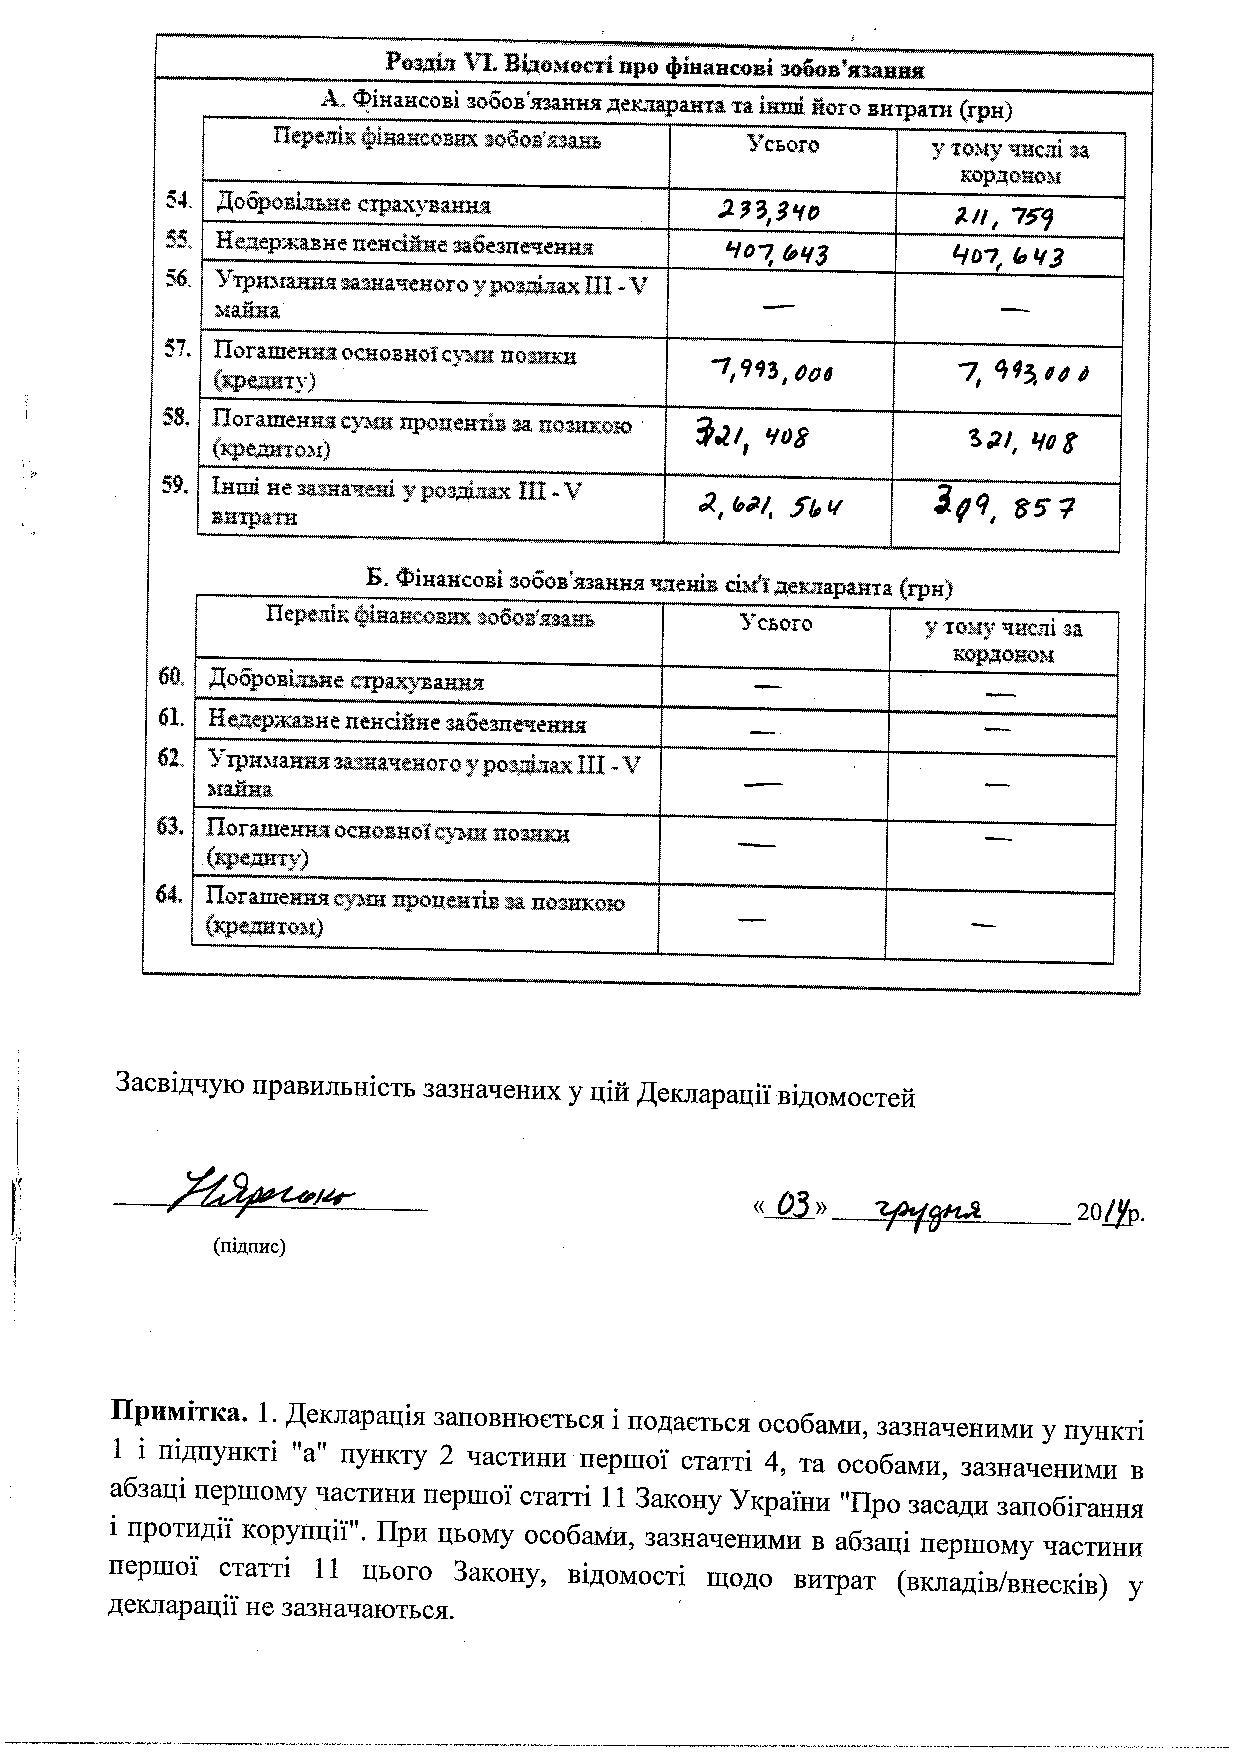 Министр финансов Яресько раскрыла доходы за 2013 год